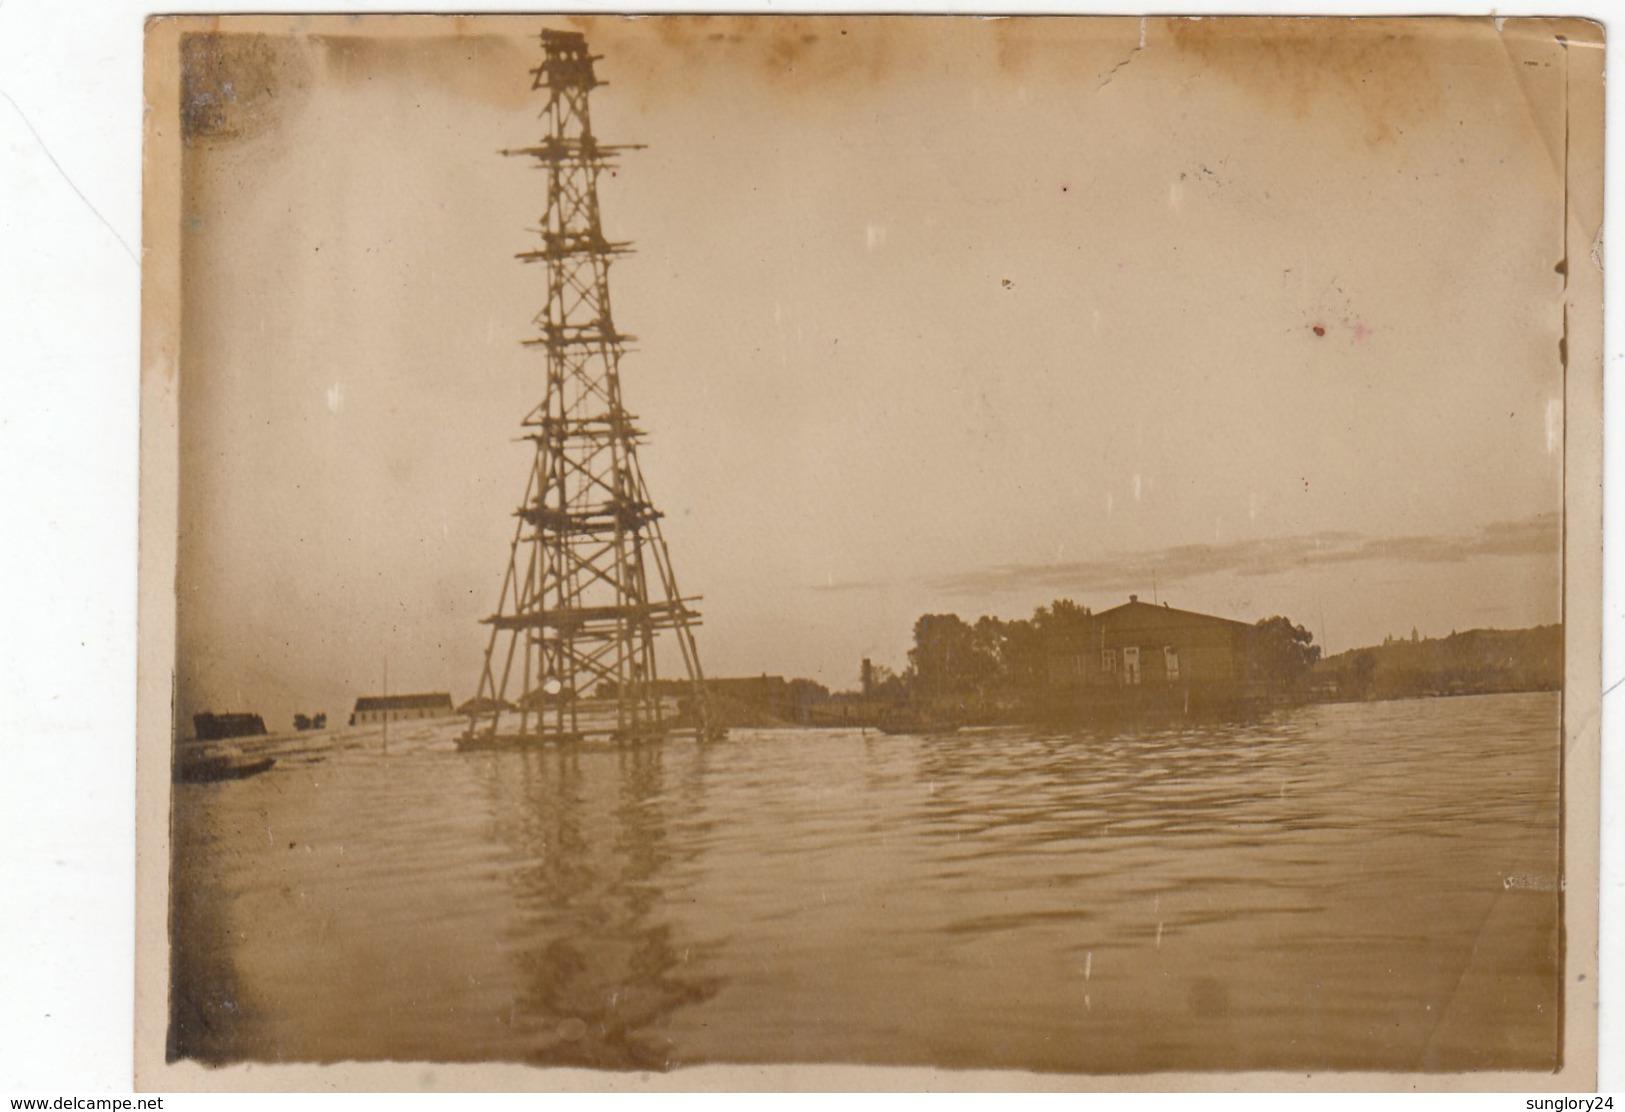 UKRAINE. # 2076 A PHOTO. KIEV. HARBOR. 1930. - Proyectores De Cine